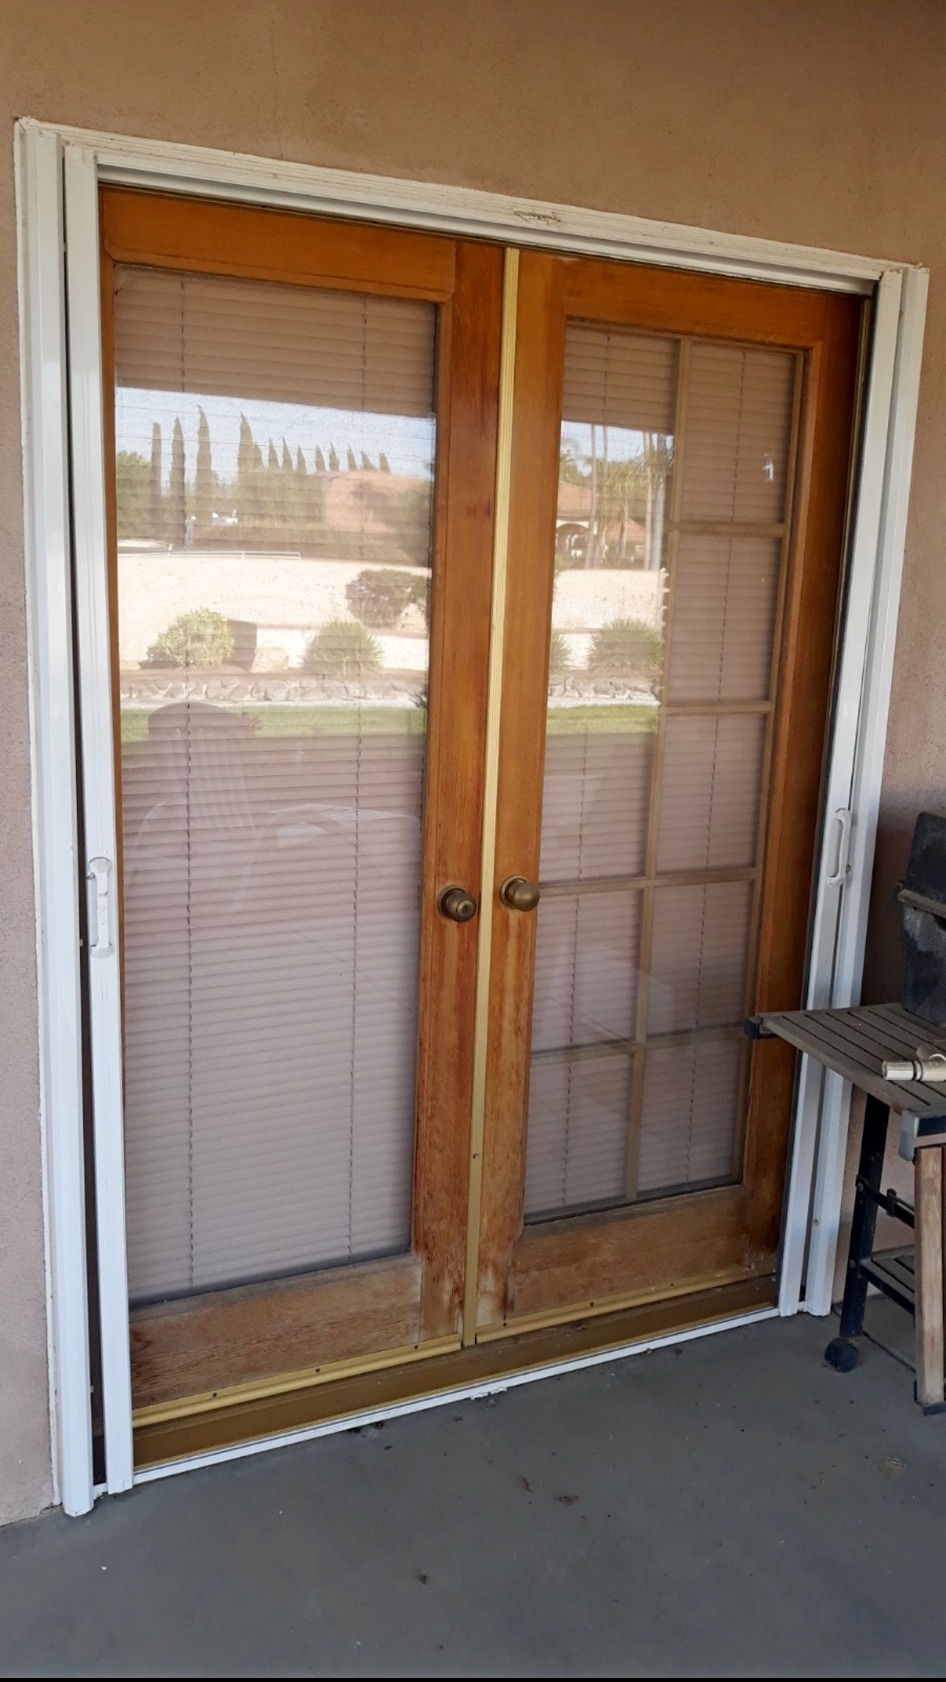 Bakersfield Patio Door - Before